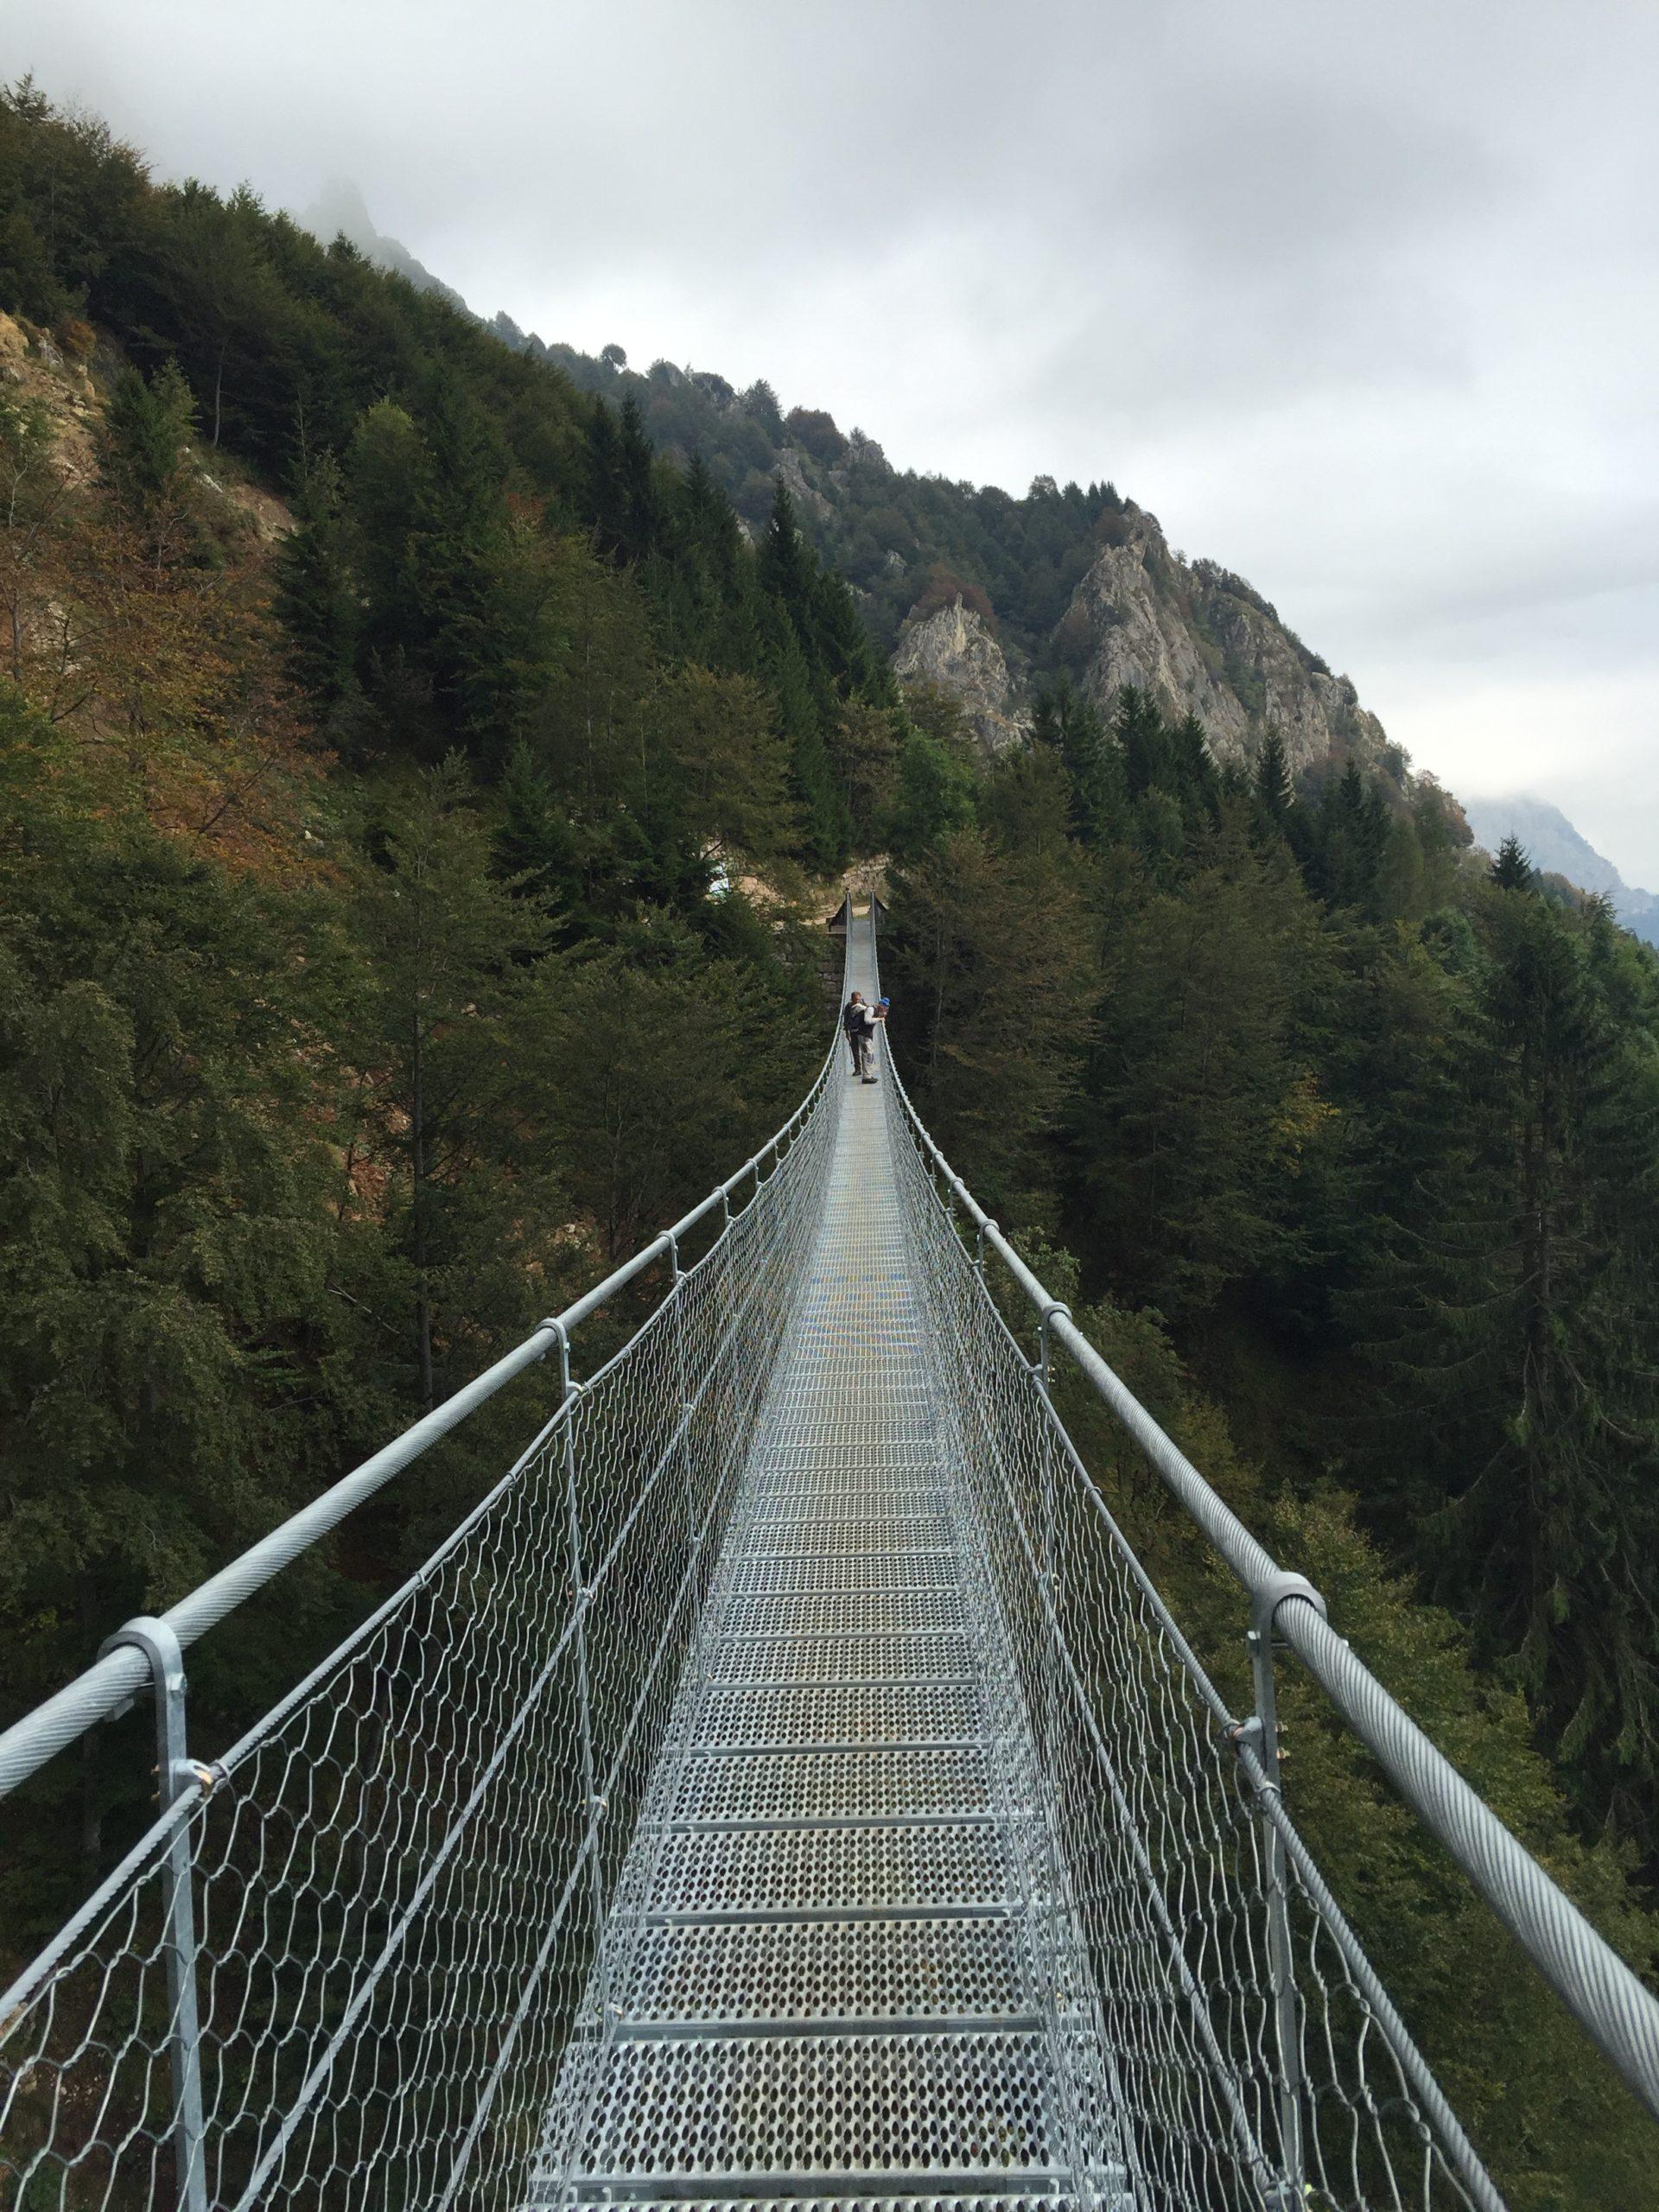 Ponte di corde avis valli del pasubio carlo costa archietto thiene (45)